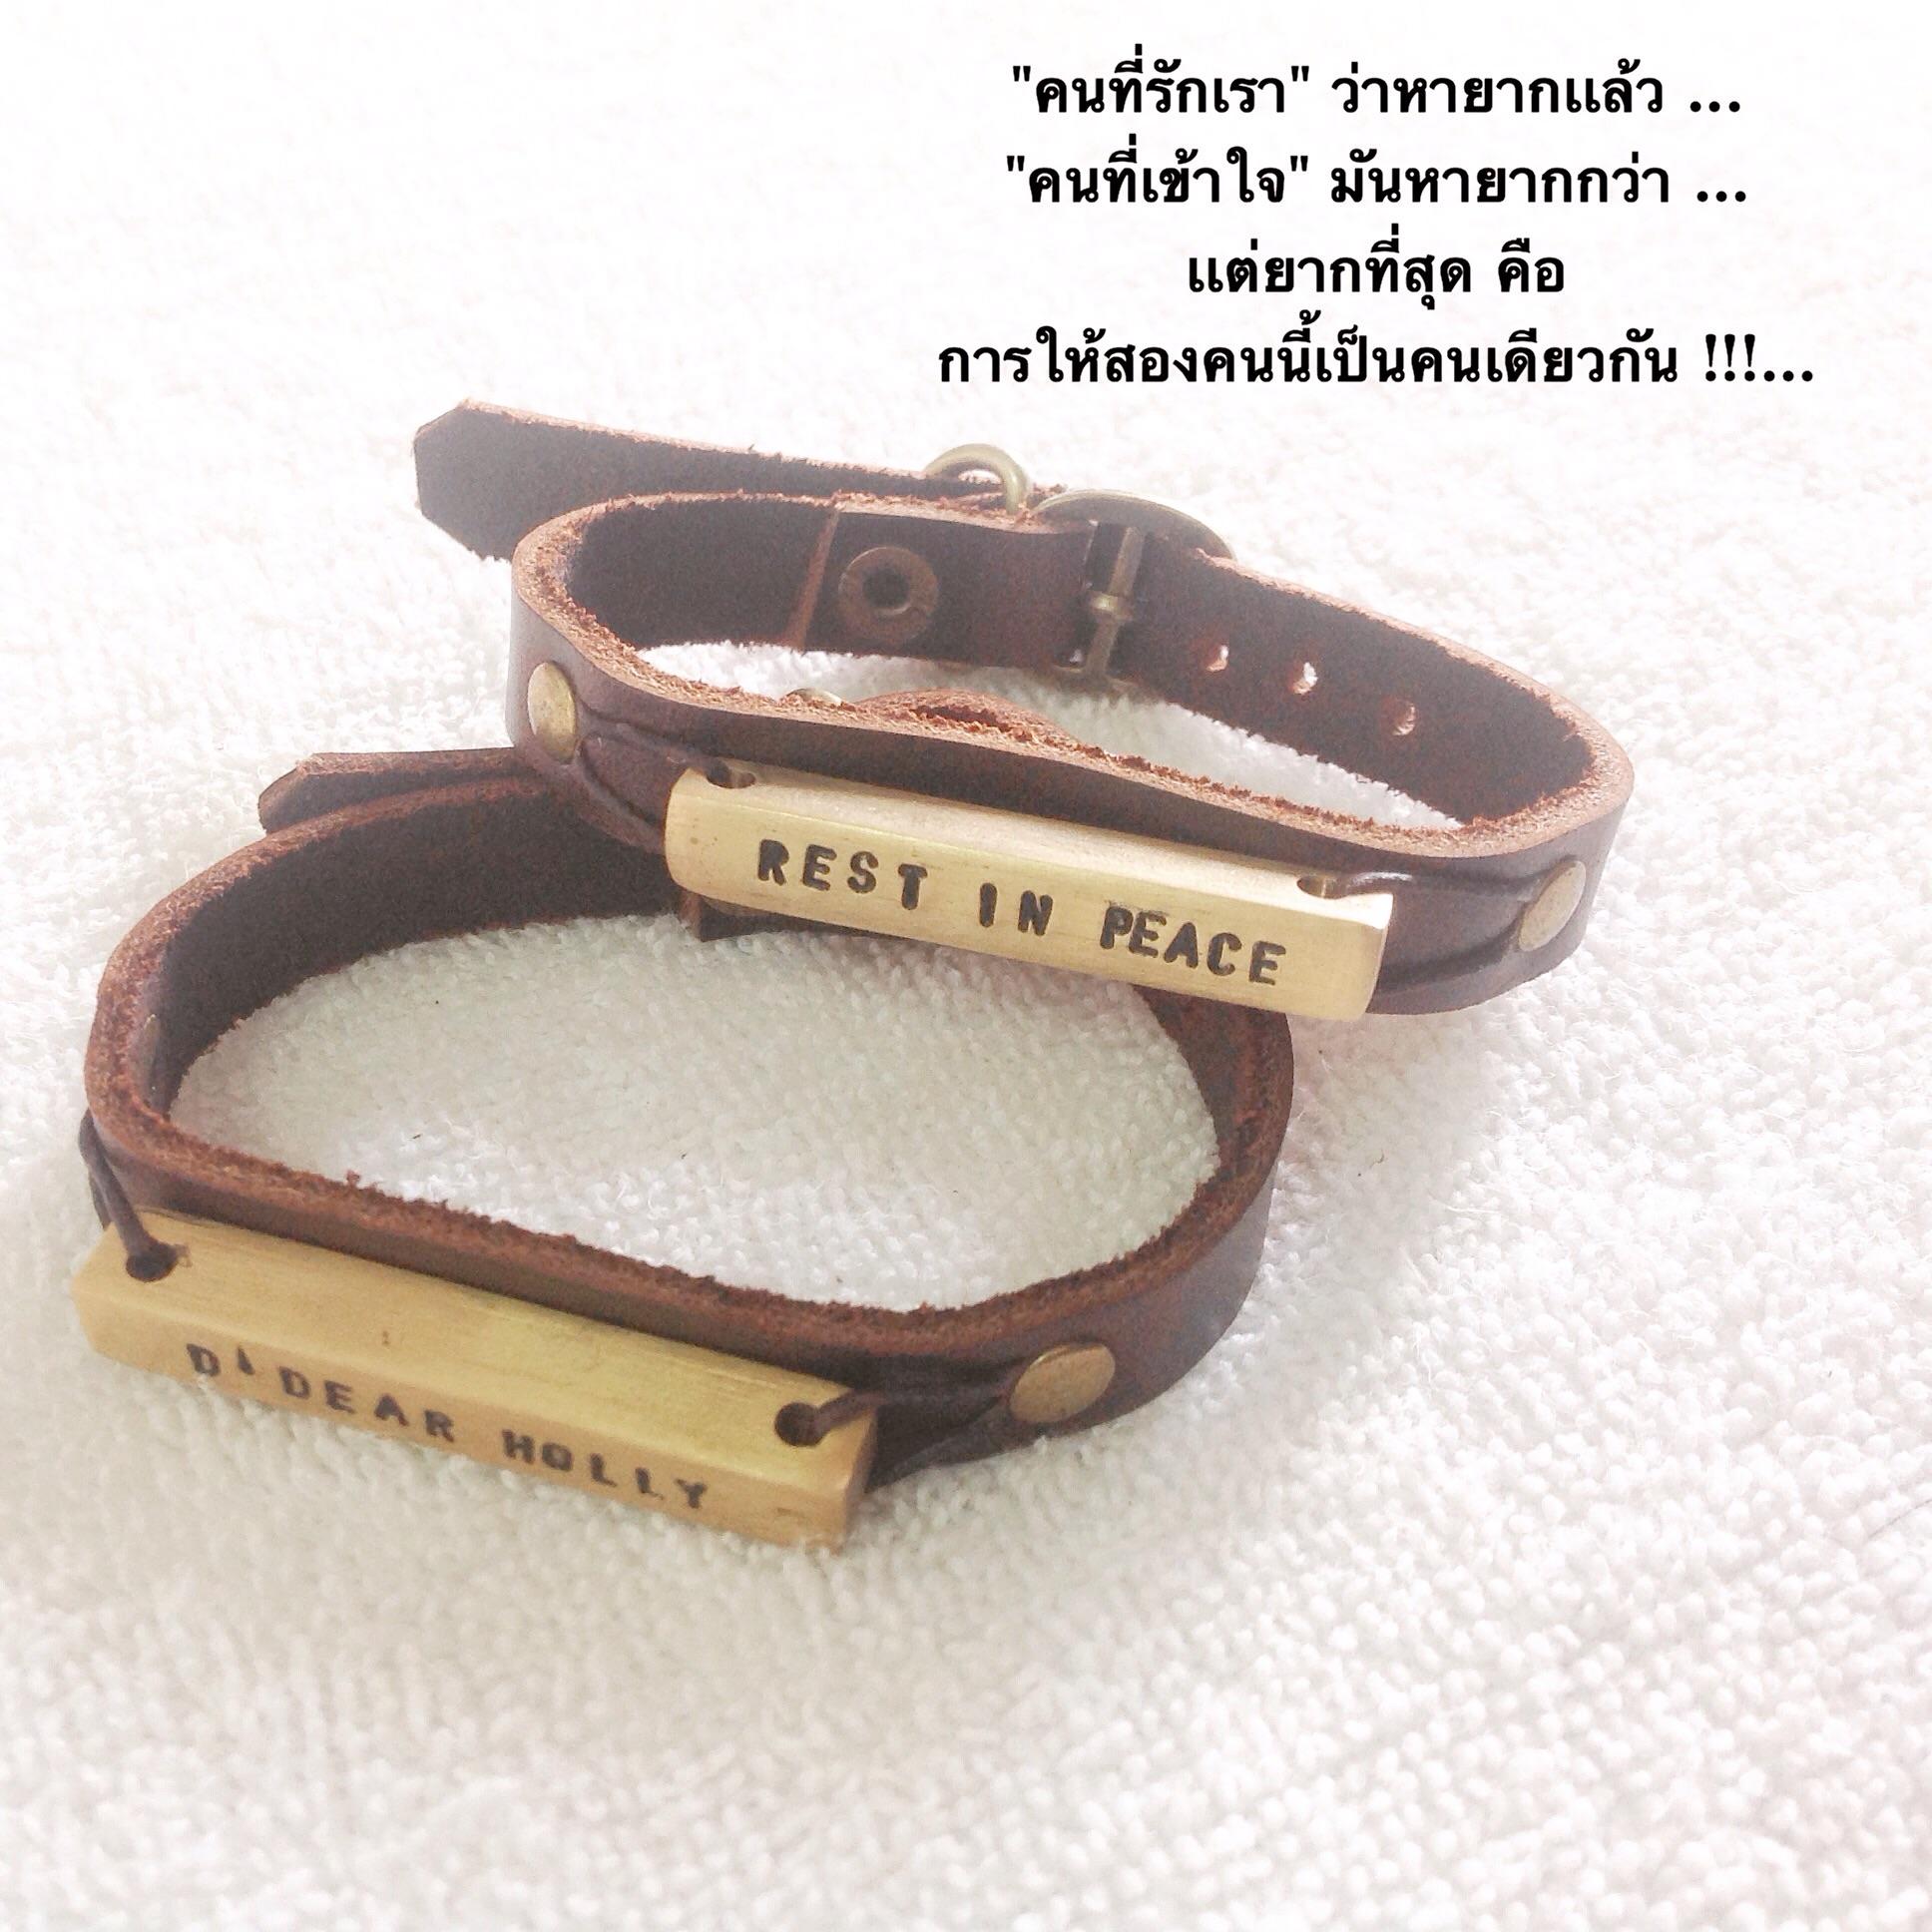 ข้อมือหนังแท้ สายแบบนาฬิกา (จี้แท่ง) สลักชื่อฟรี 13 ตัว